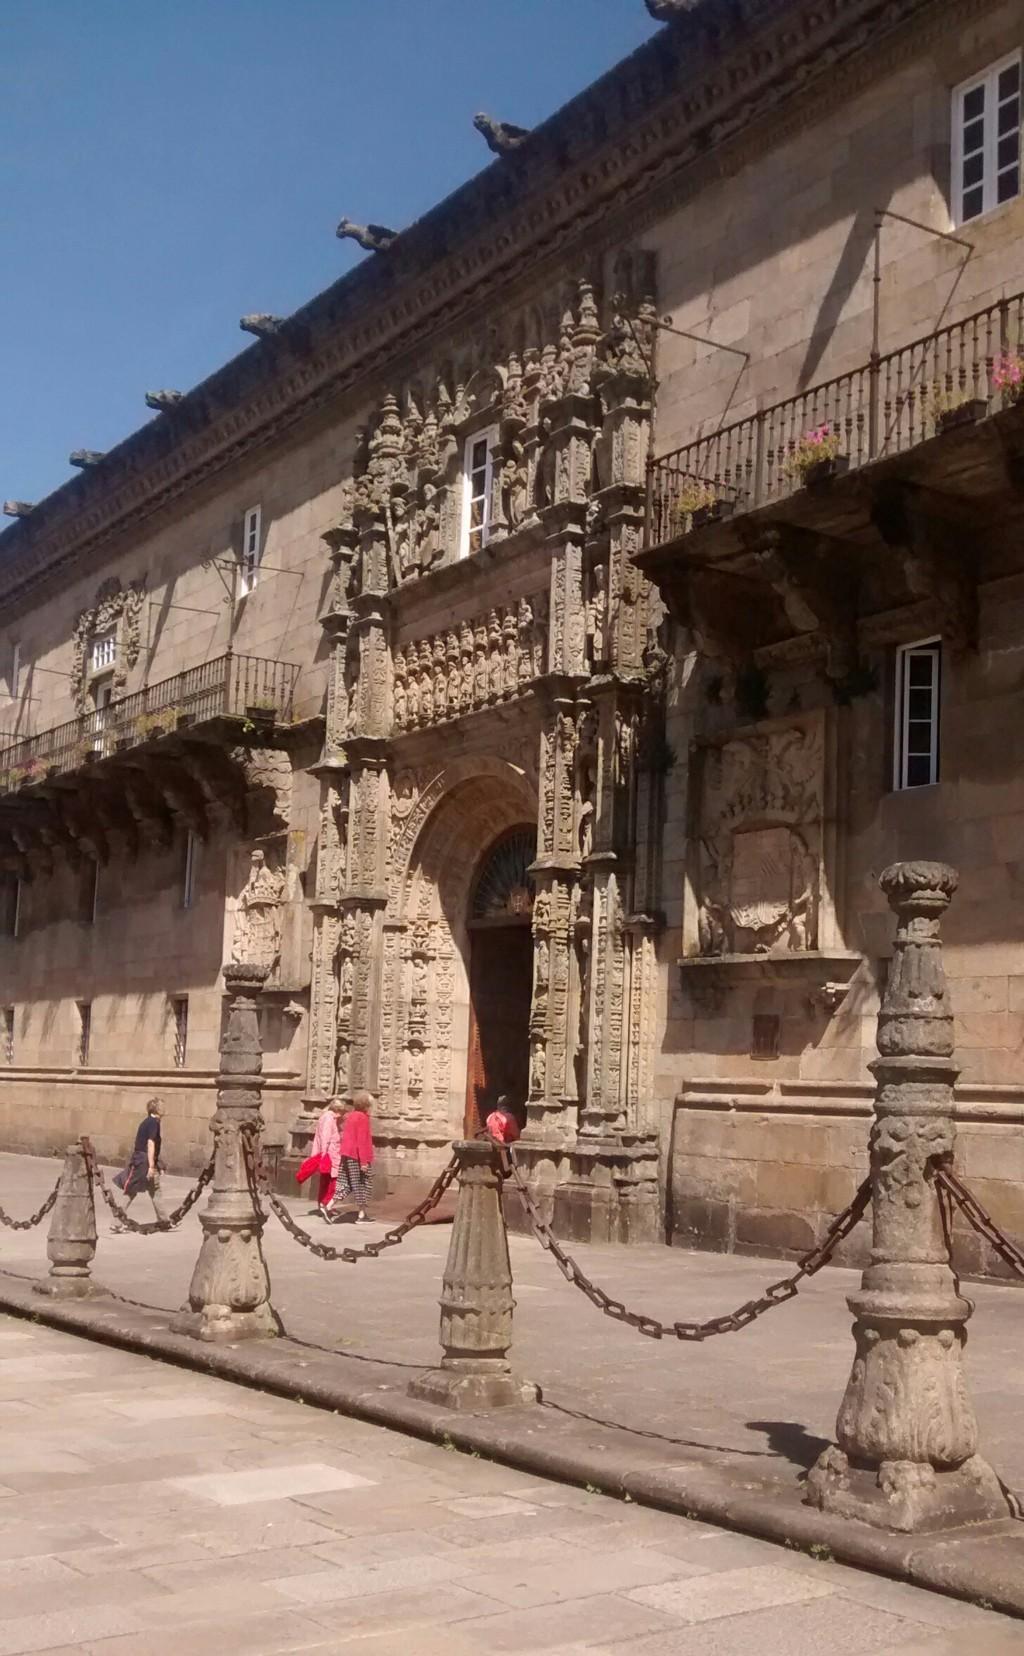 Foto 11 - Puerta del Hostal de los Reyes Cátolicos.